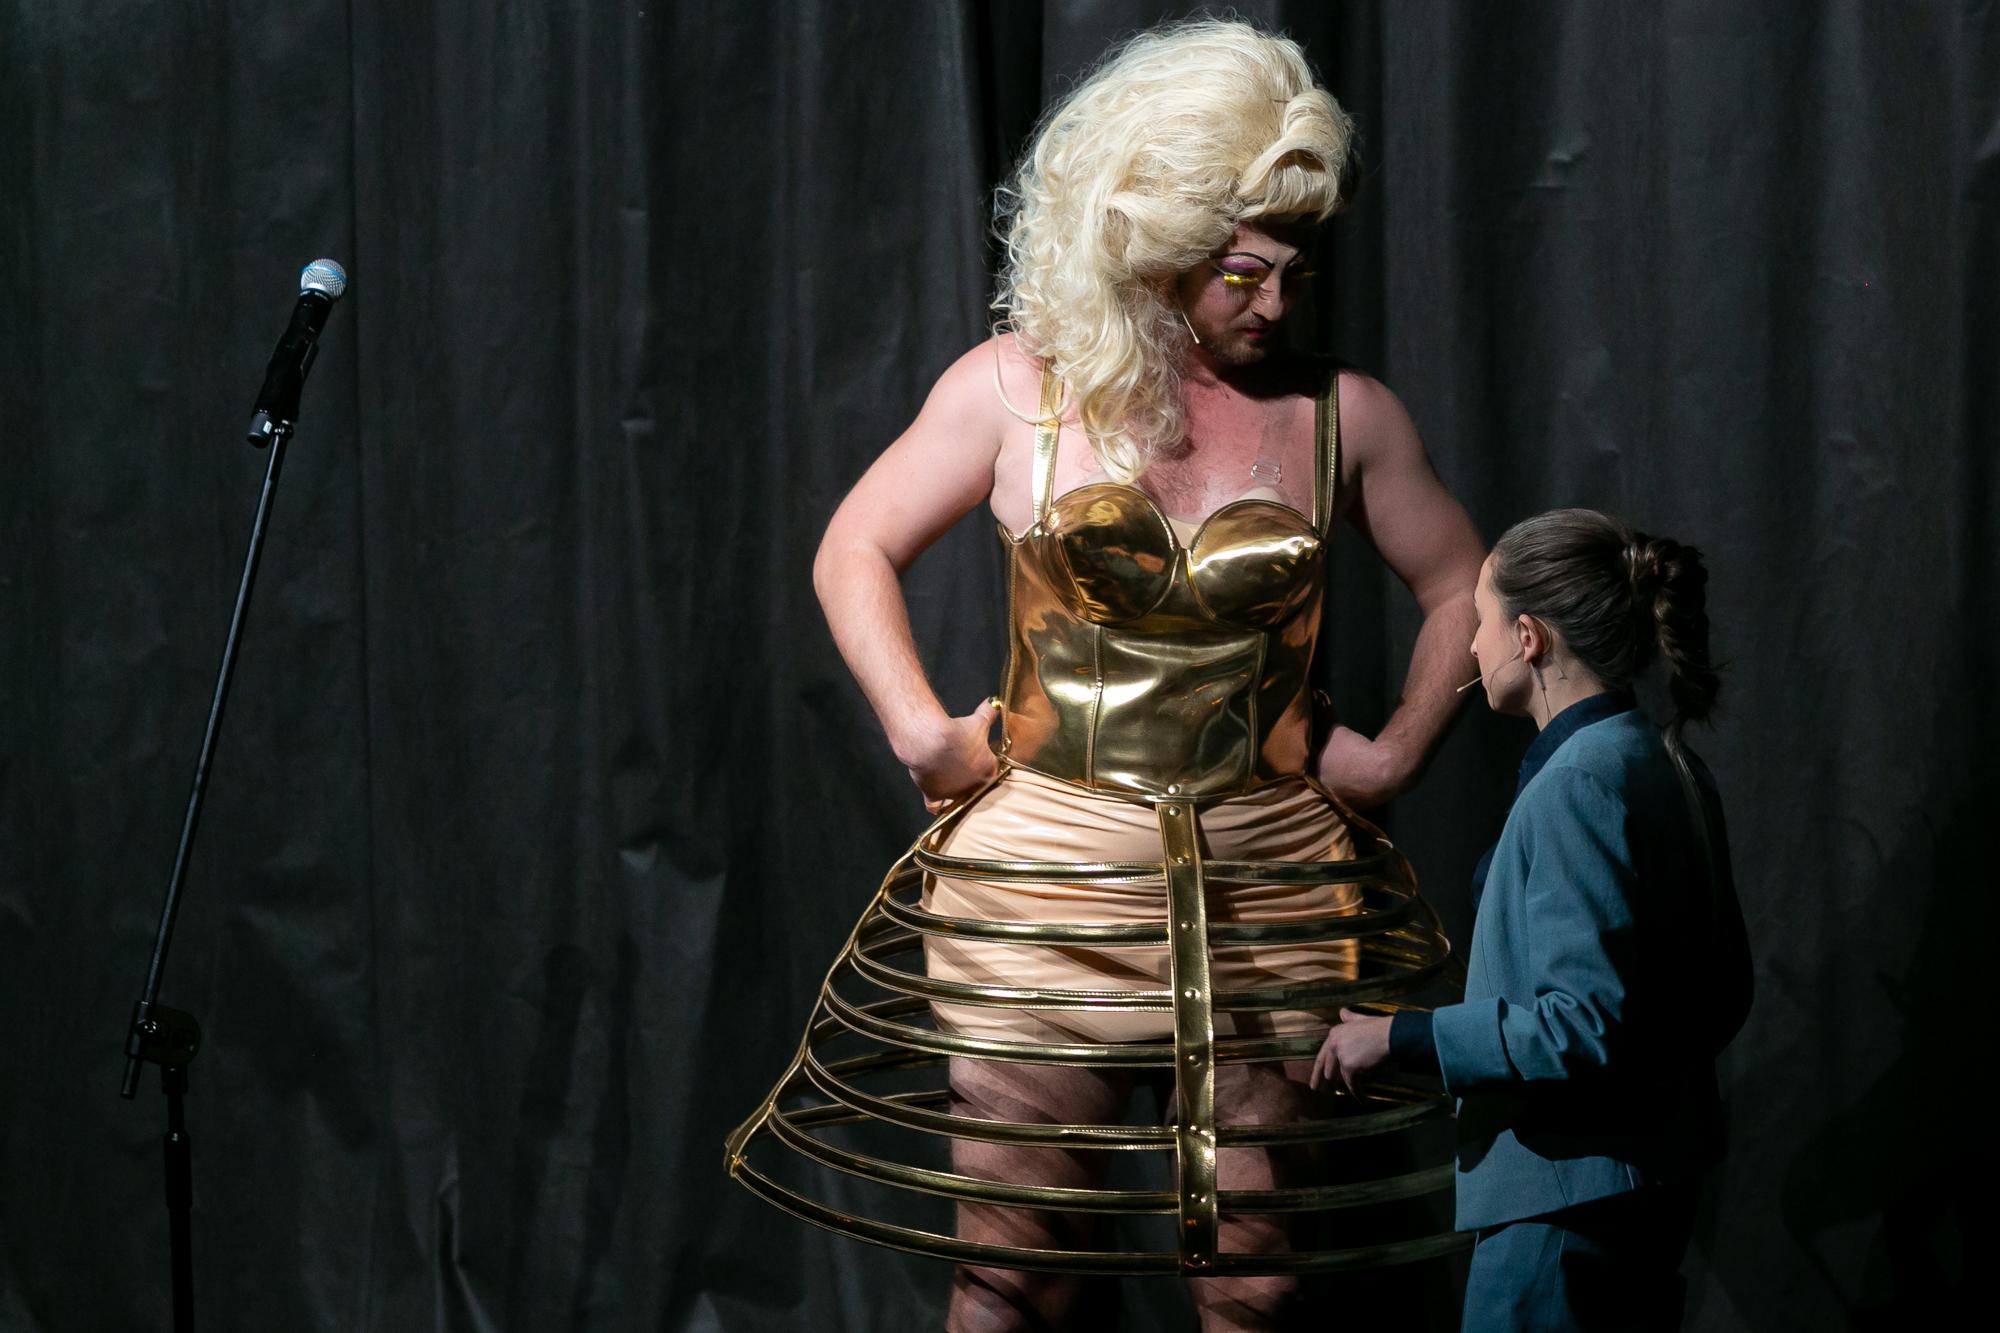 Piotr Piękny (Ariana Konsza) - wysoki mężczyzna-drag queen w blod peruce, złotym gorsecie i stelażu rozkloszowanej spódnicy trzyma się pod boki i rozmawia z Konradem Konradem - drobną kobietą w popielatym męskim garniturze. Oboje stoją na tle czarnej, pofałdowanej kurtyny.